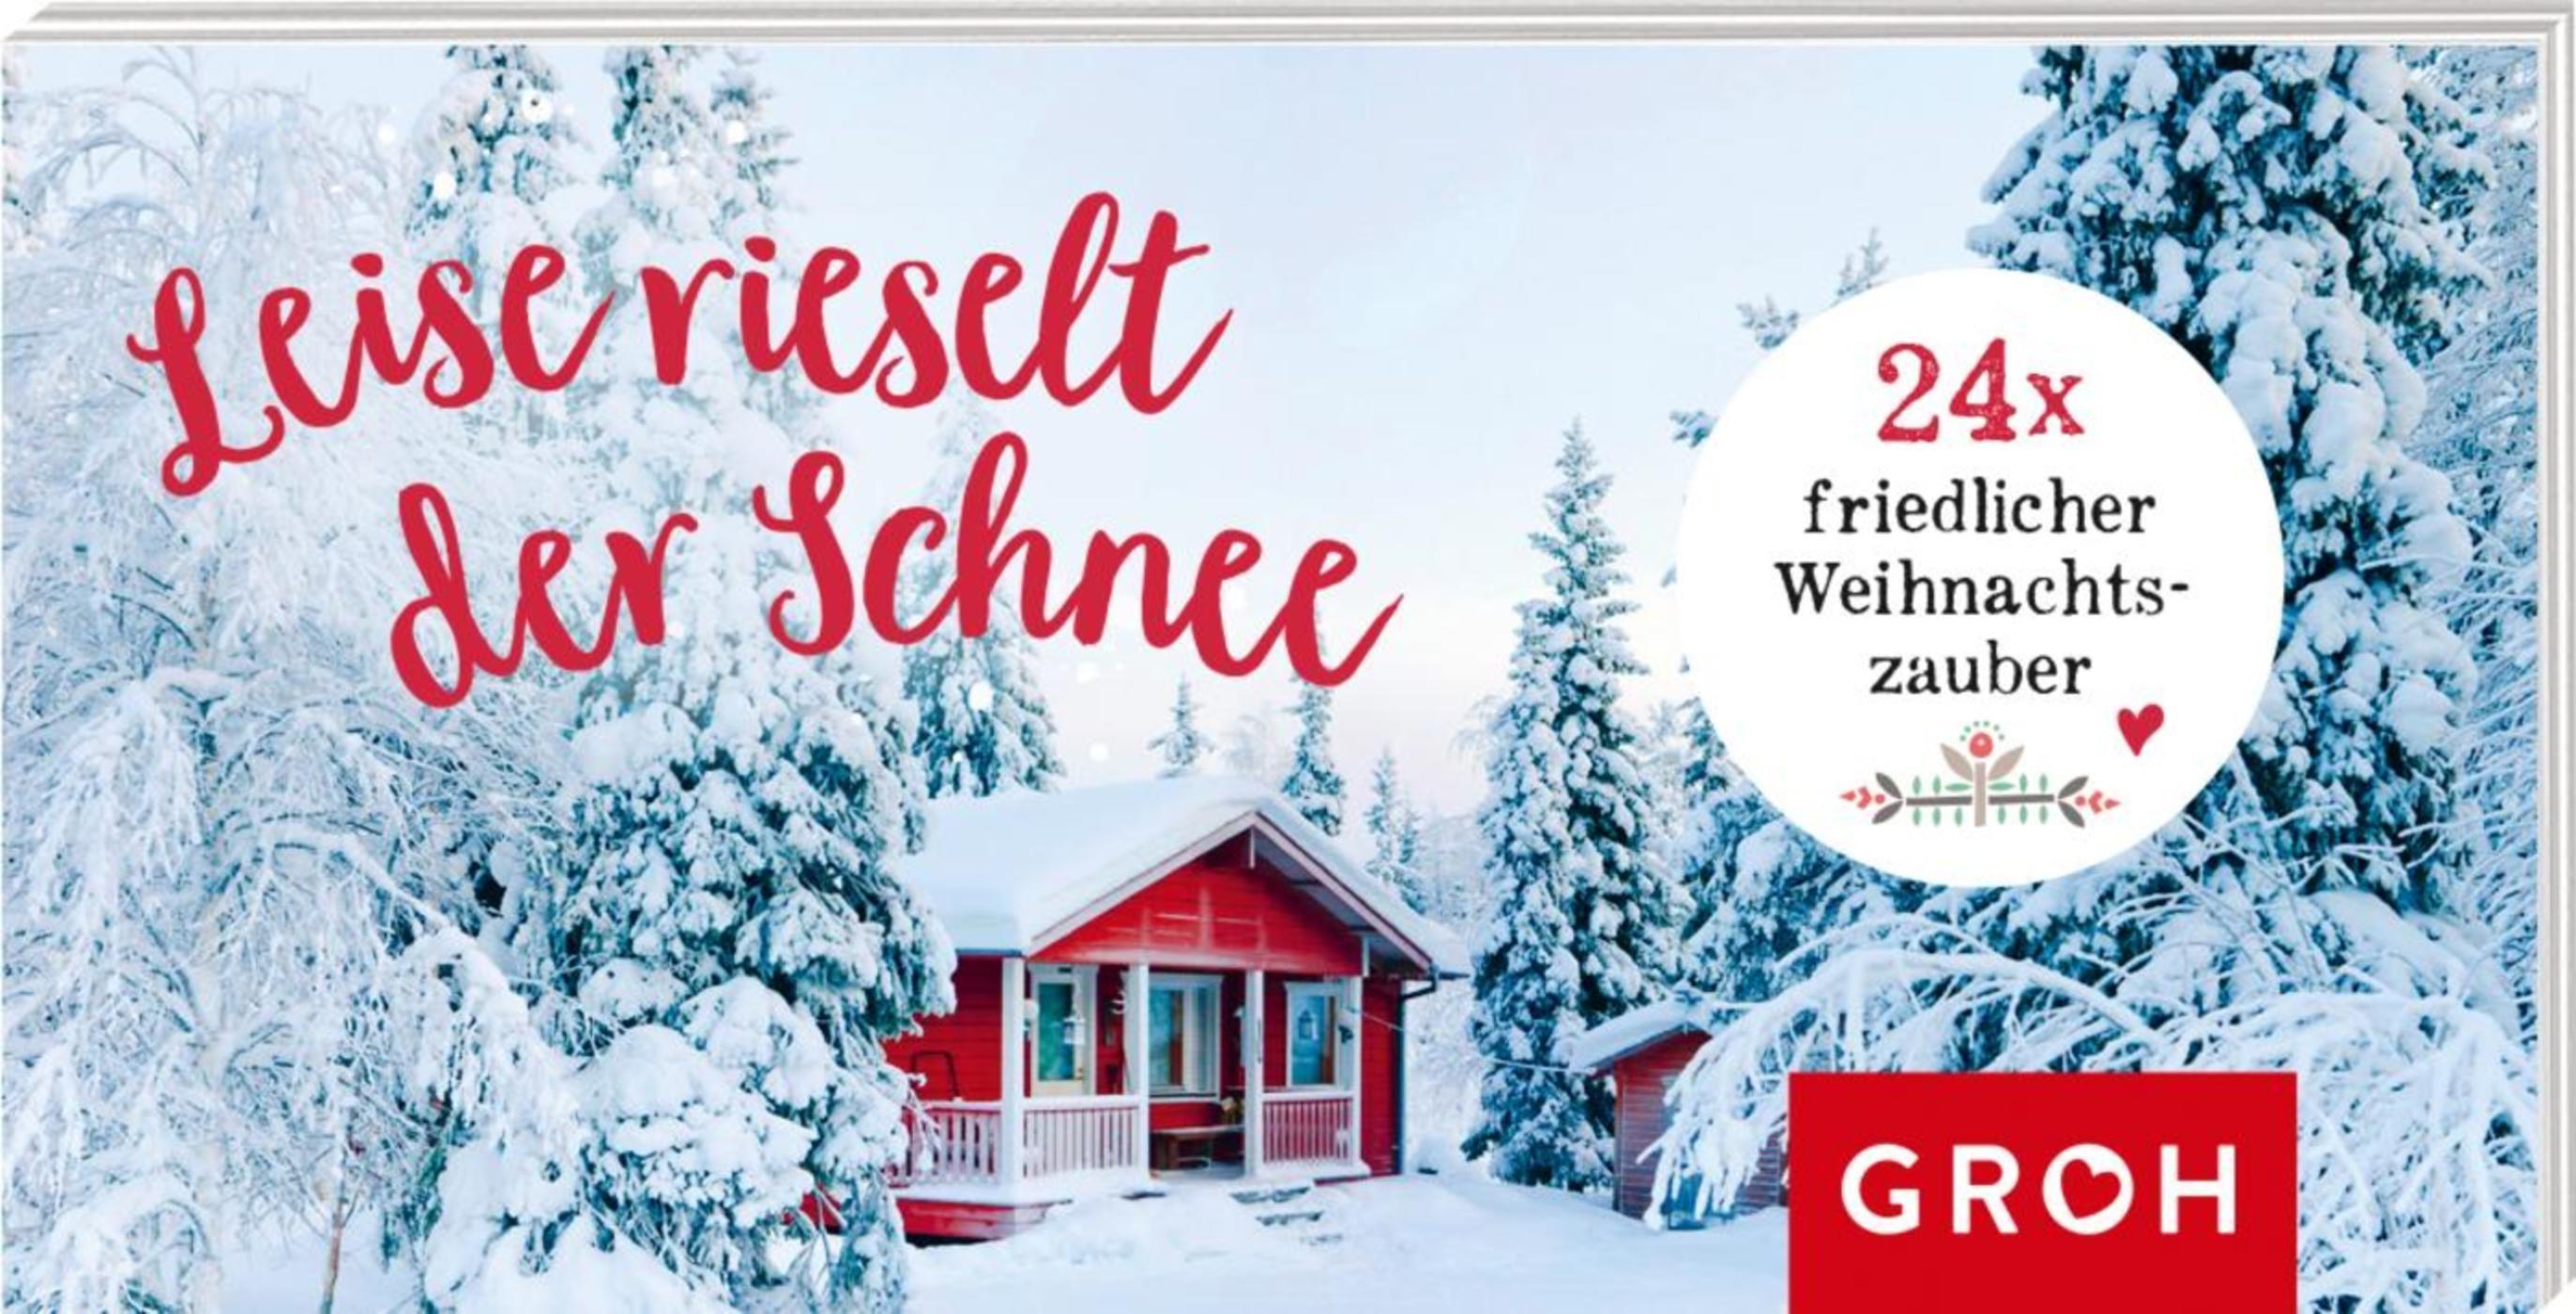 Leise rieselt der Schnee - Mini-Adventskalender